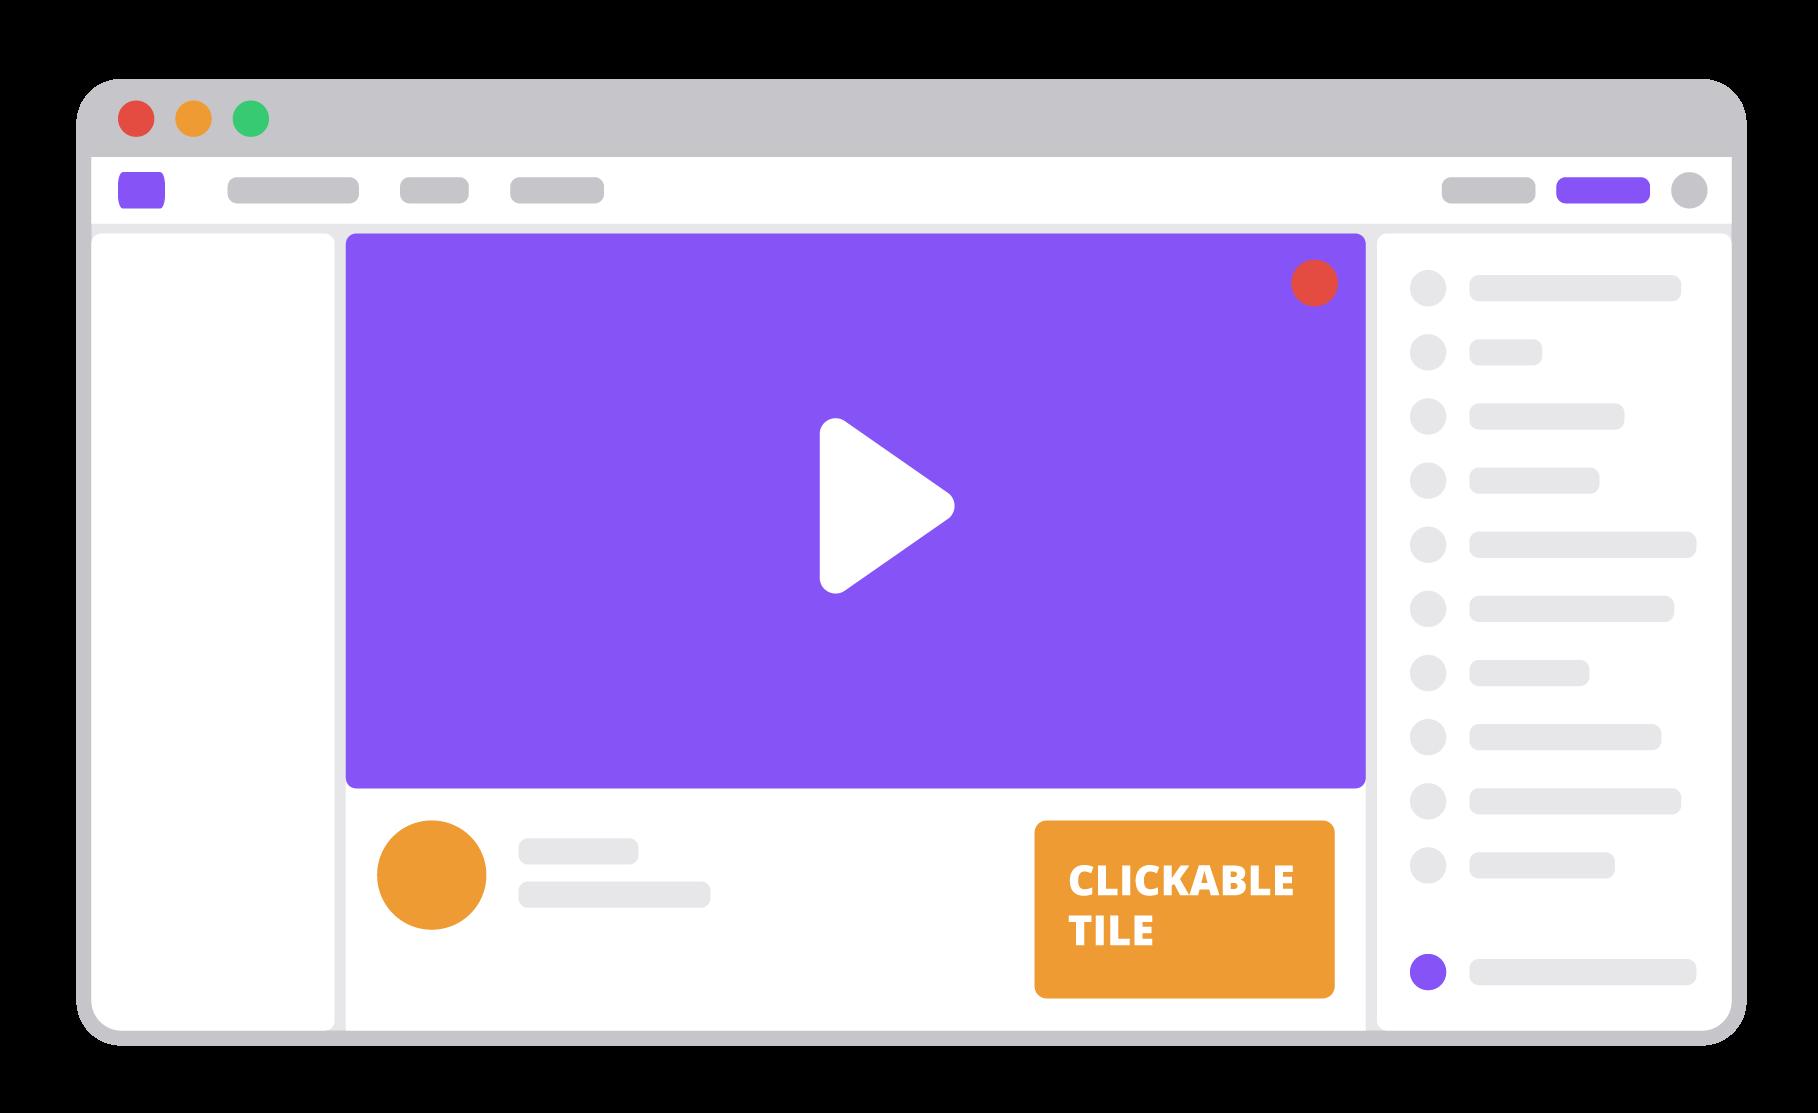 clickable tile